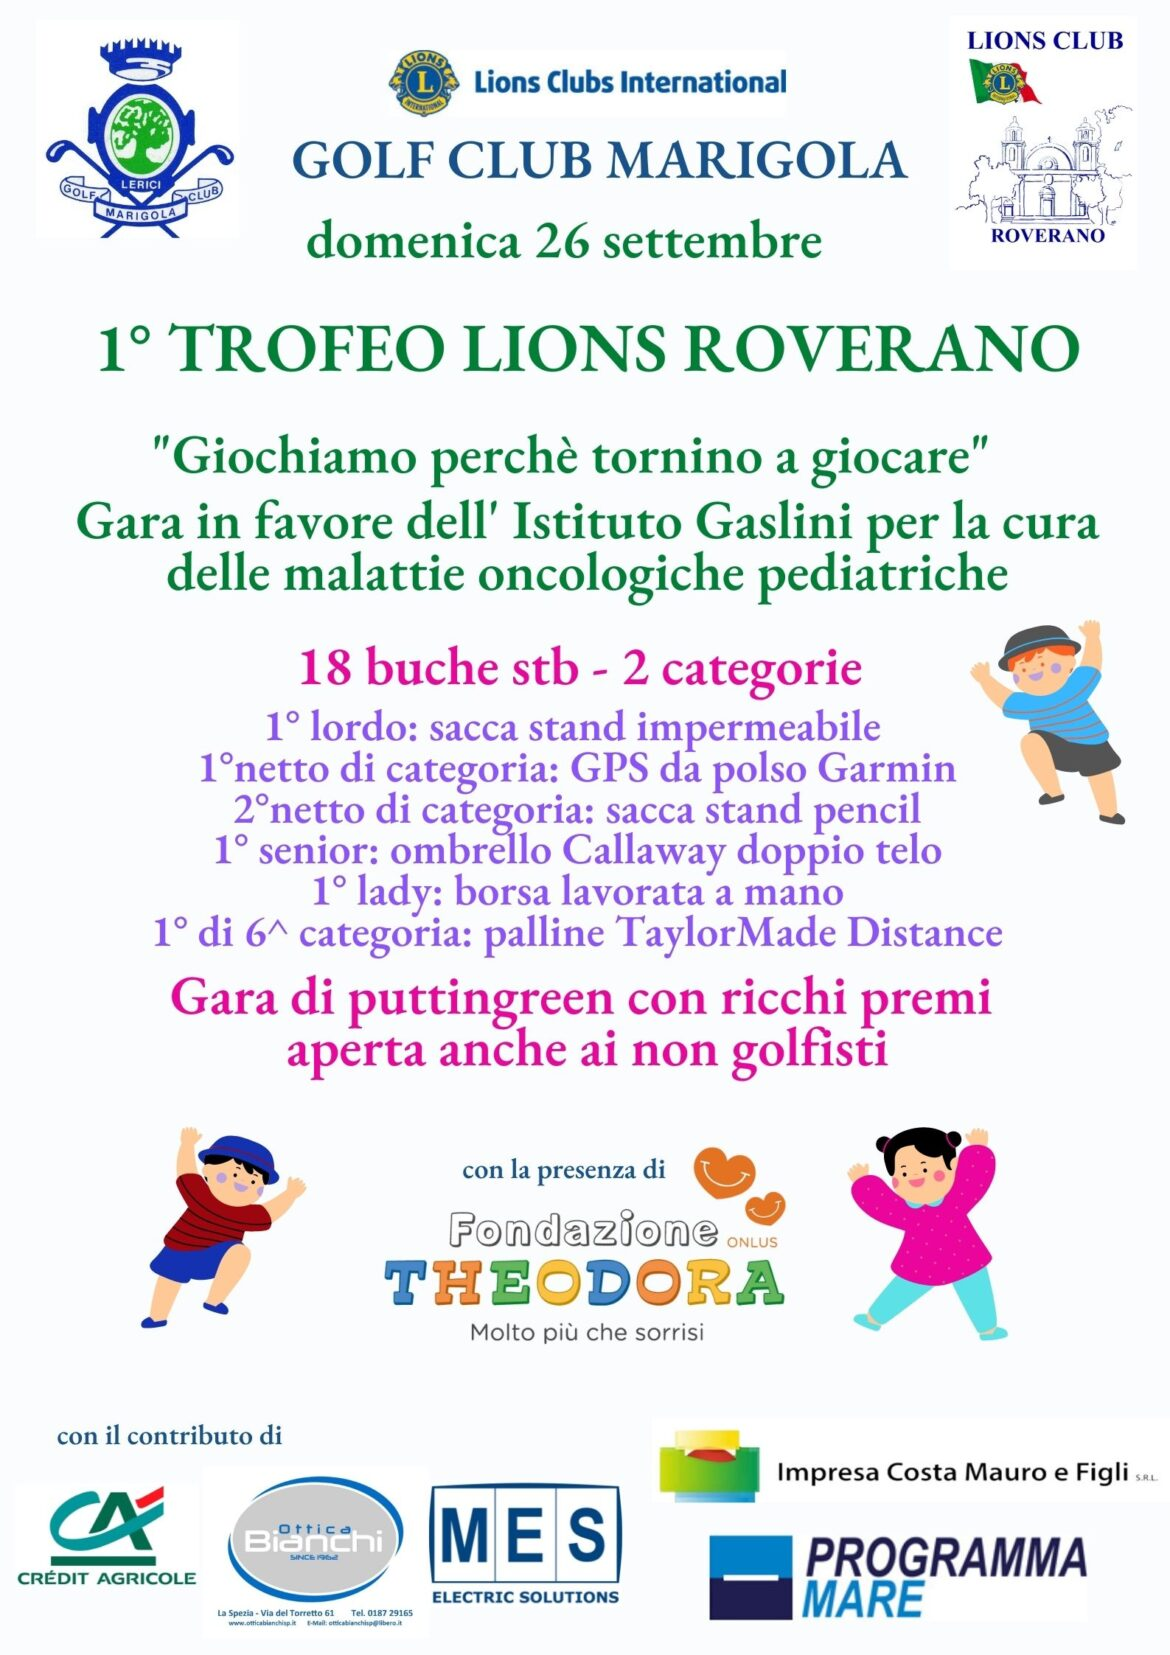 1° TROFEO LIONS ROVERANO – DOMENICA 26 SETTEMBRE 2021